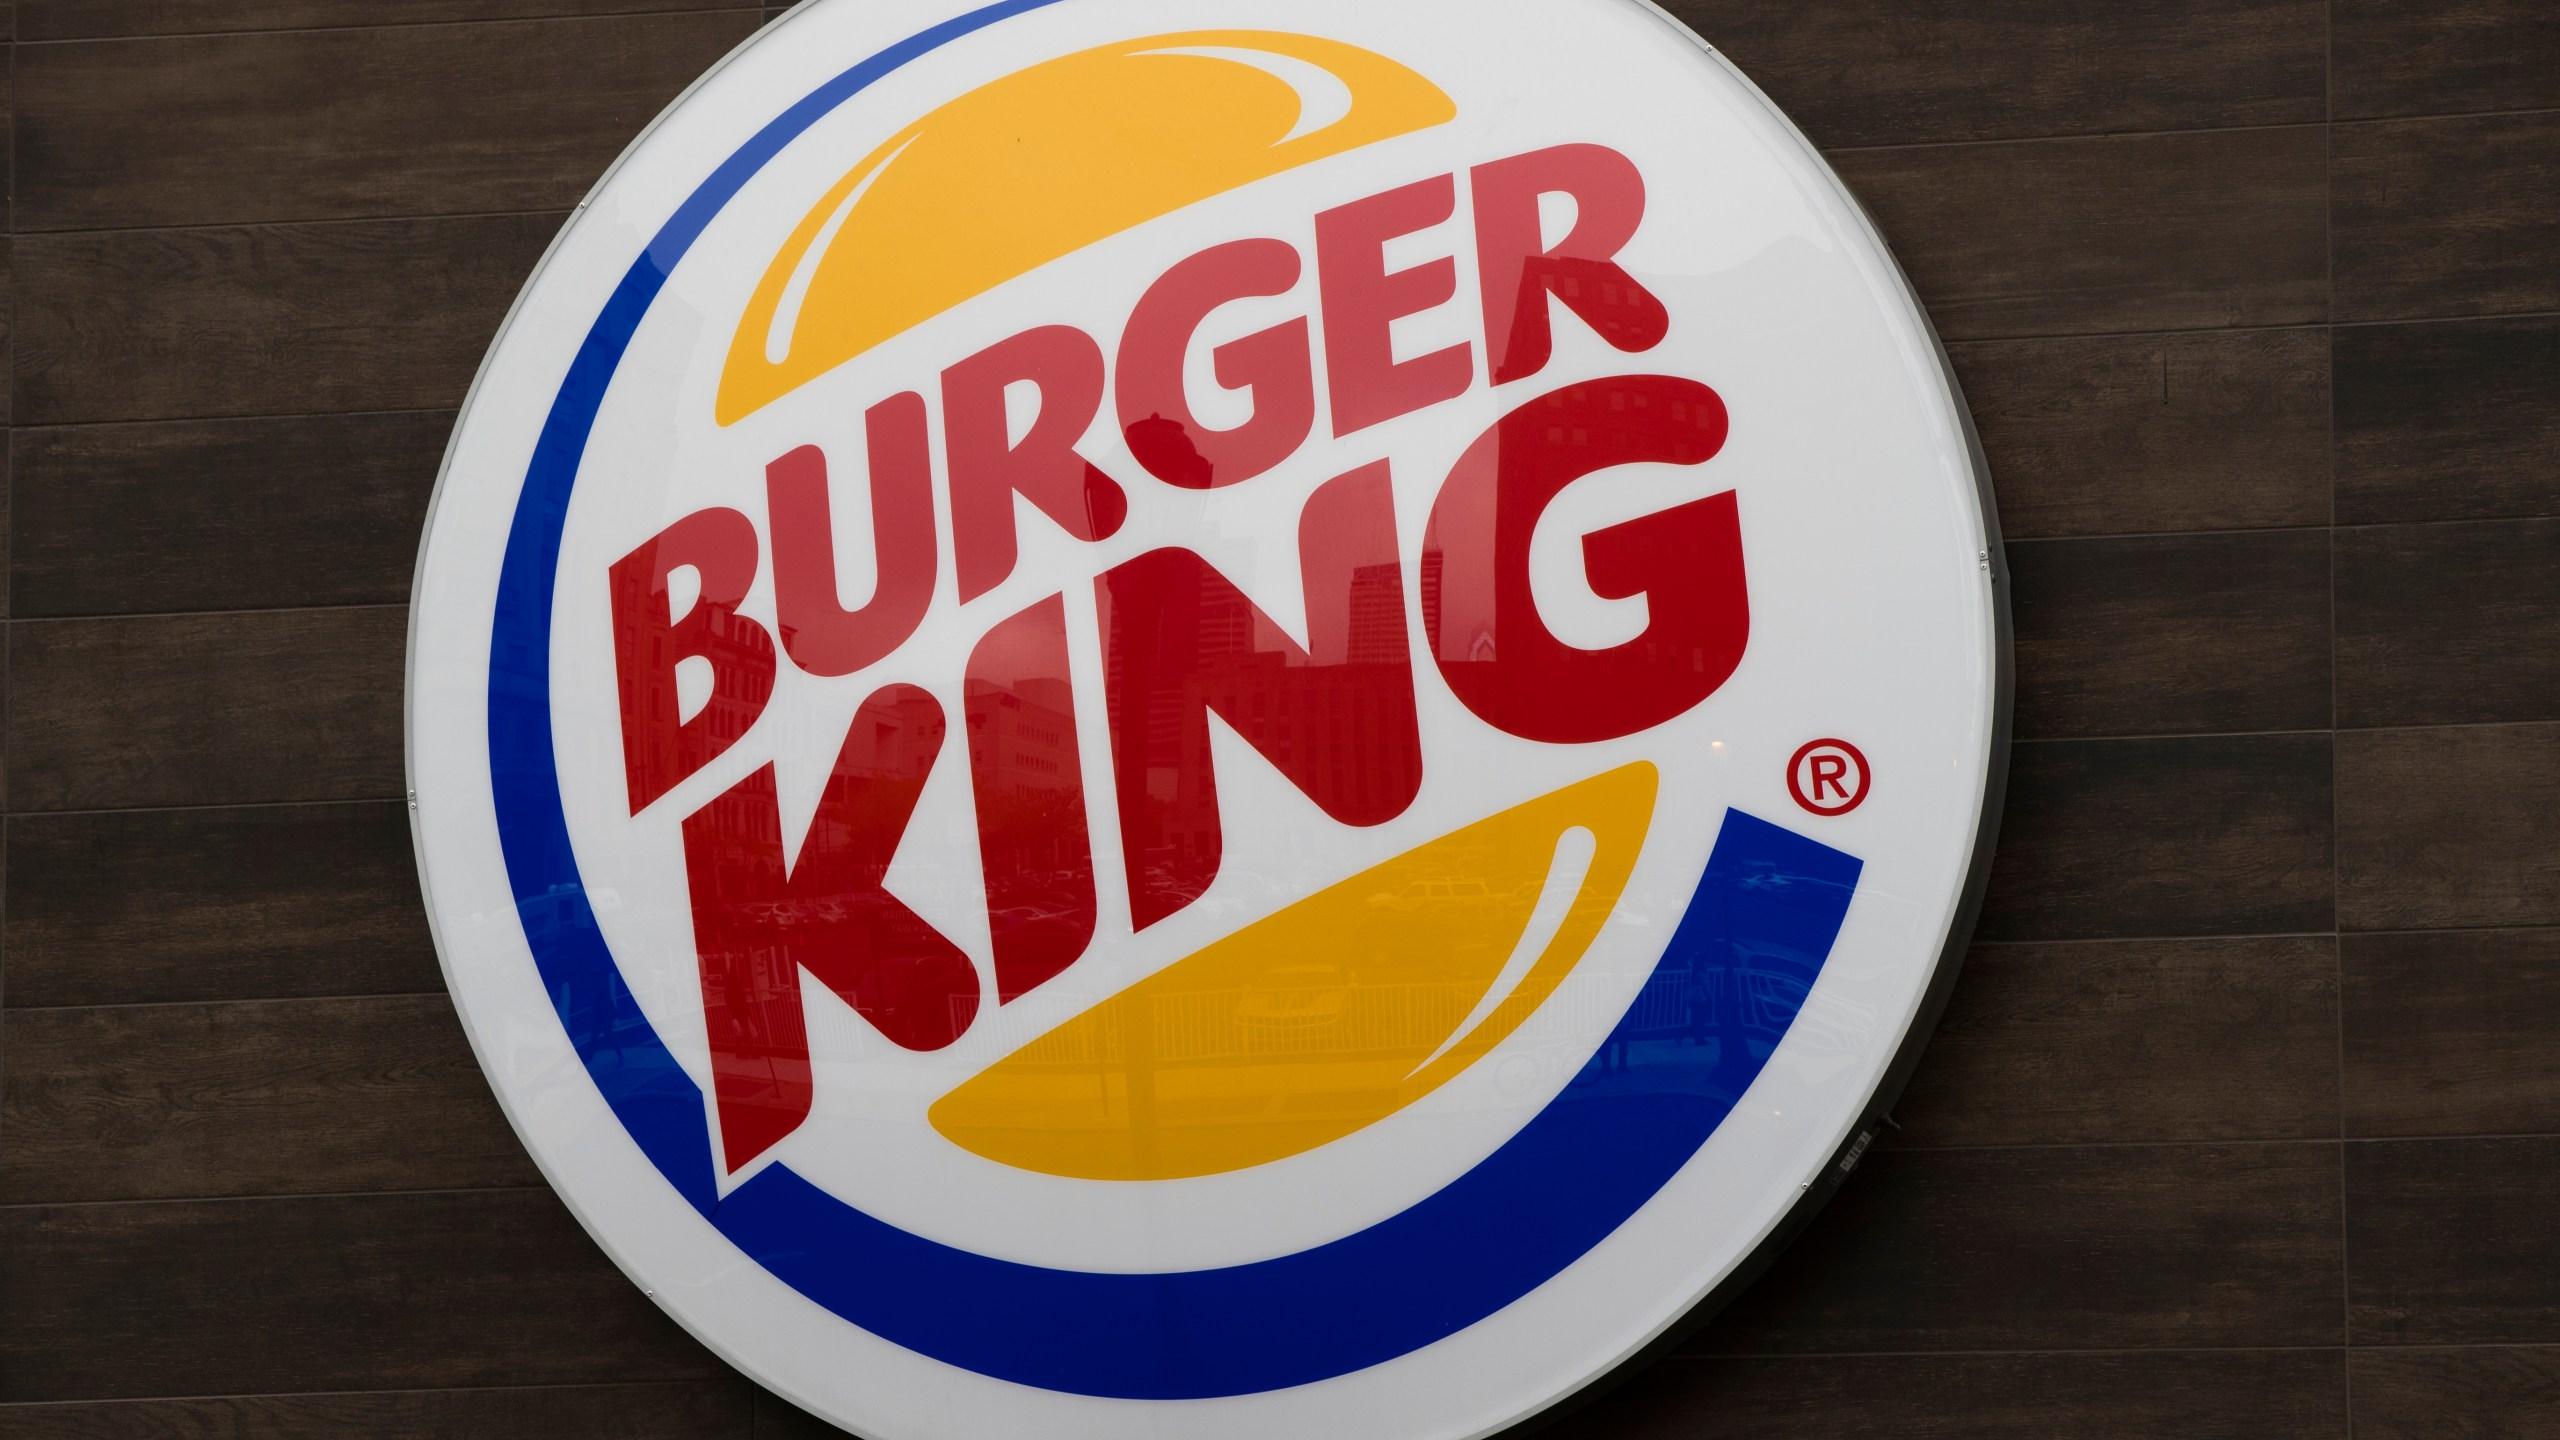 Burger_King_24929-159532.jpg10921007